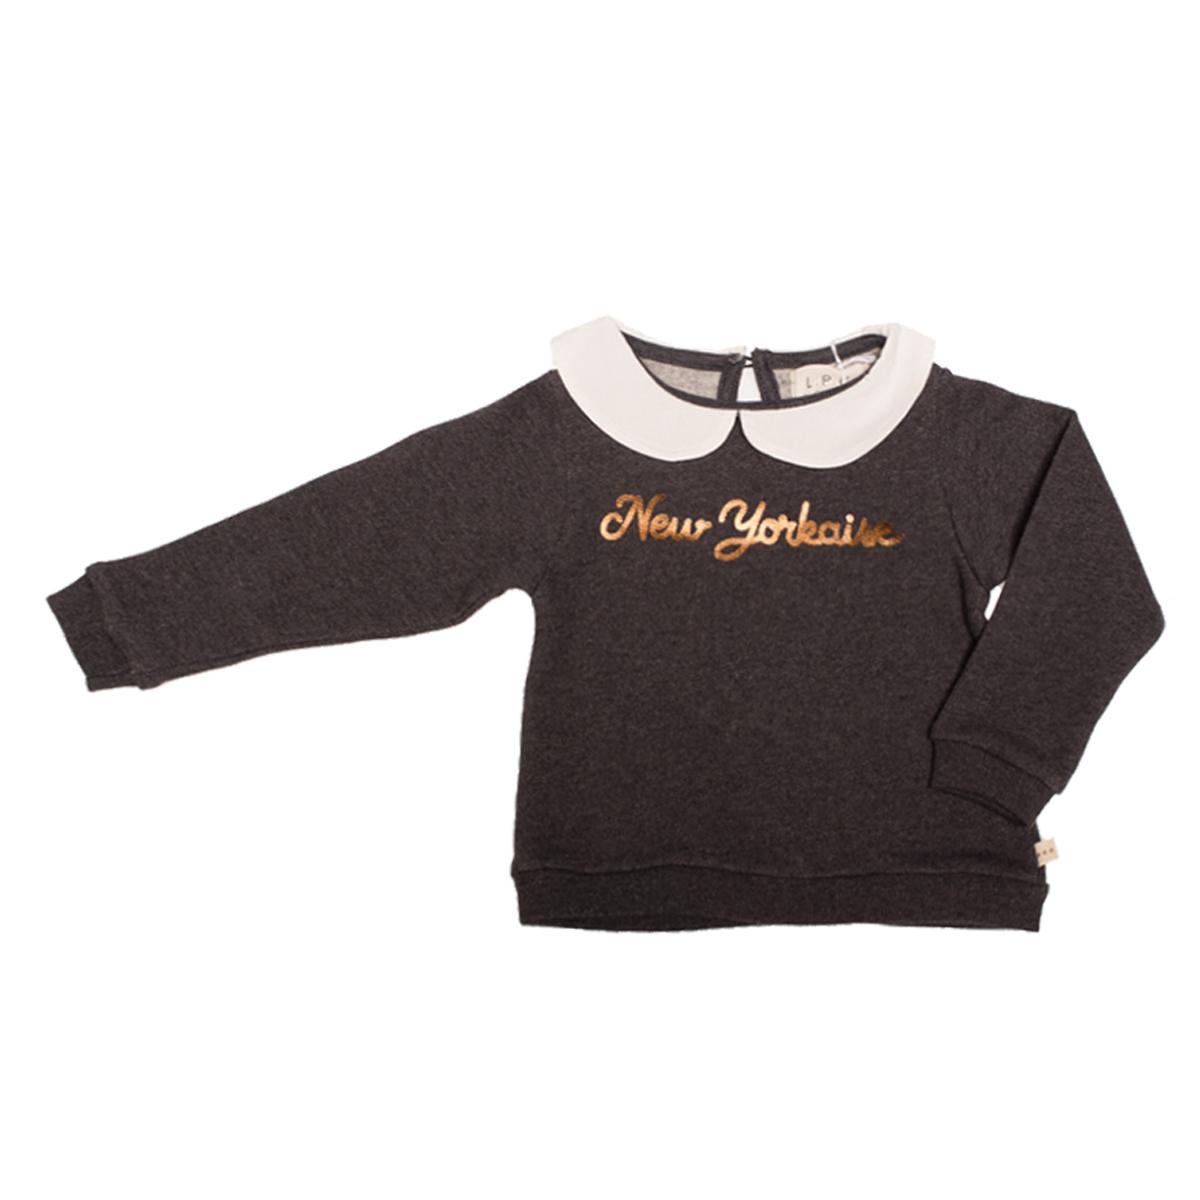 Haut bébé Sweatshirt Lorette New-York Charbon - 18 Mois Sweatshirt Lorette New-York Charbon - 18 Mois